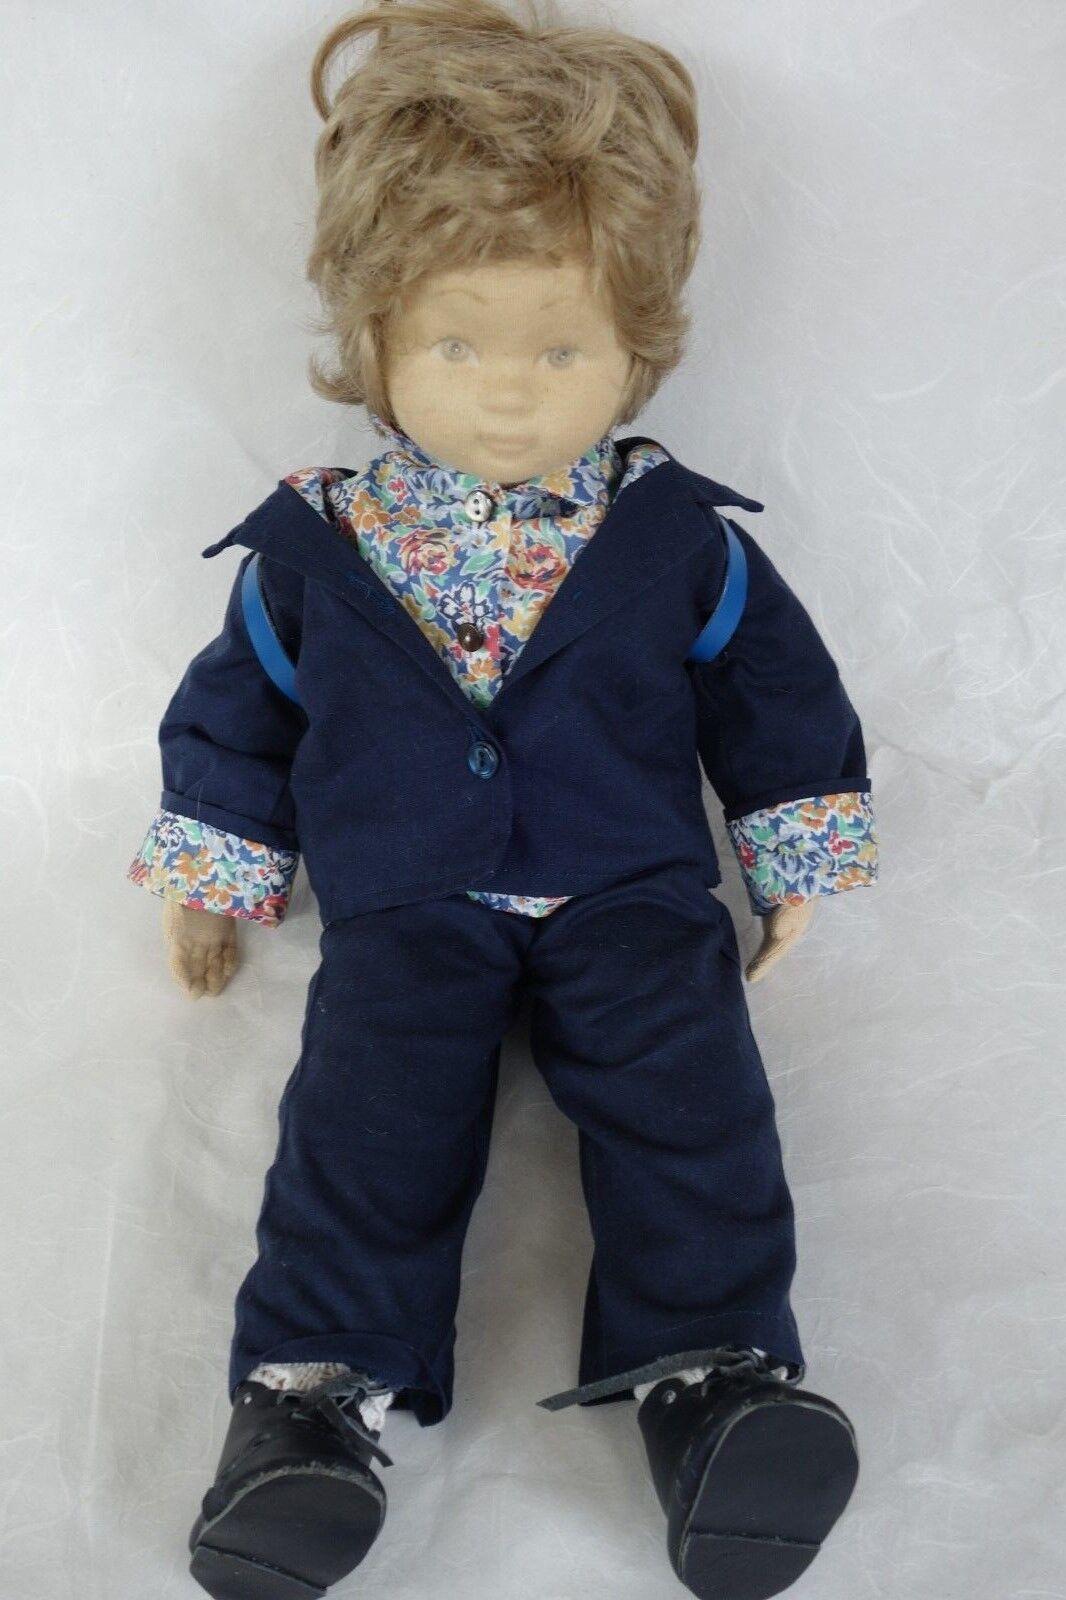 BAMBOLA  43 cm Bambina Zainetto artisti Bambola Decorazione  centro commerciale di moda